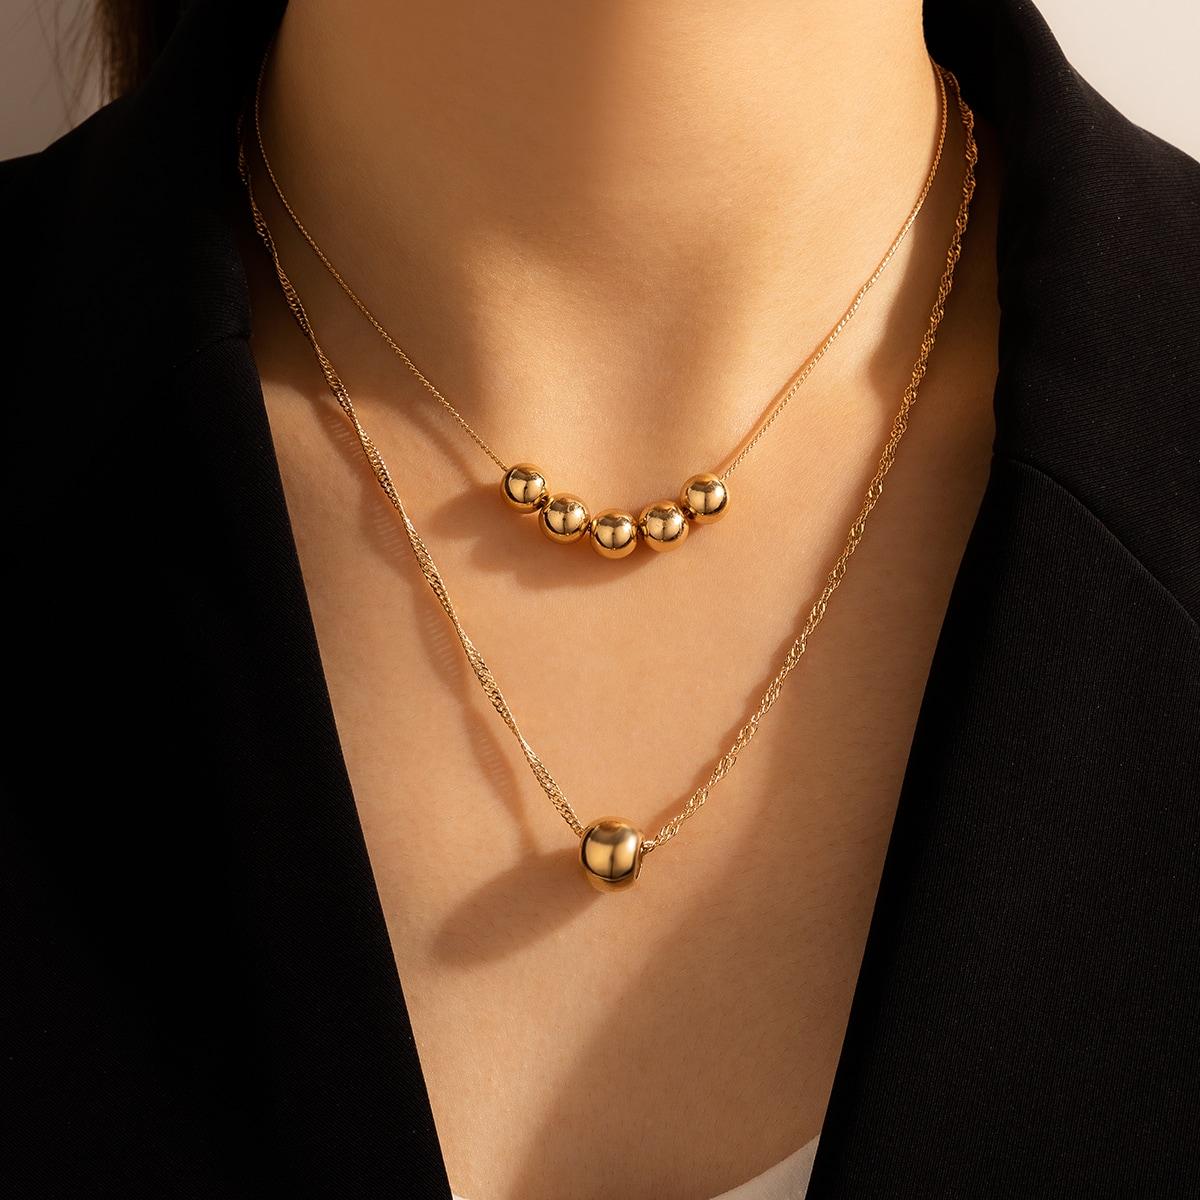 Geschichtete Halskette mit Ball Dekor